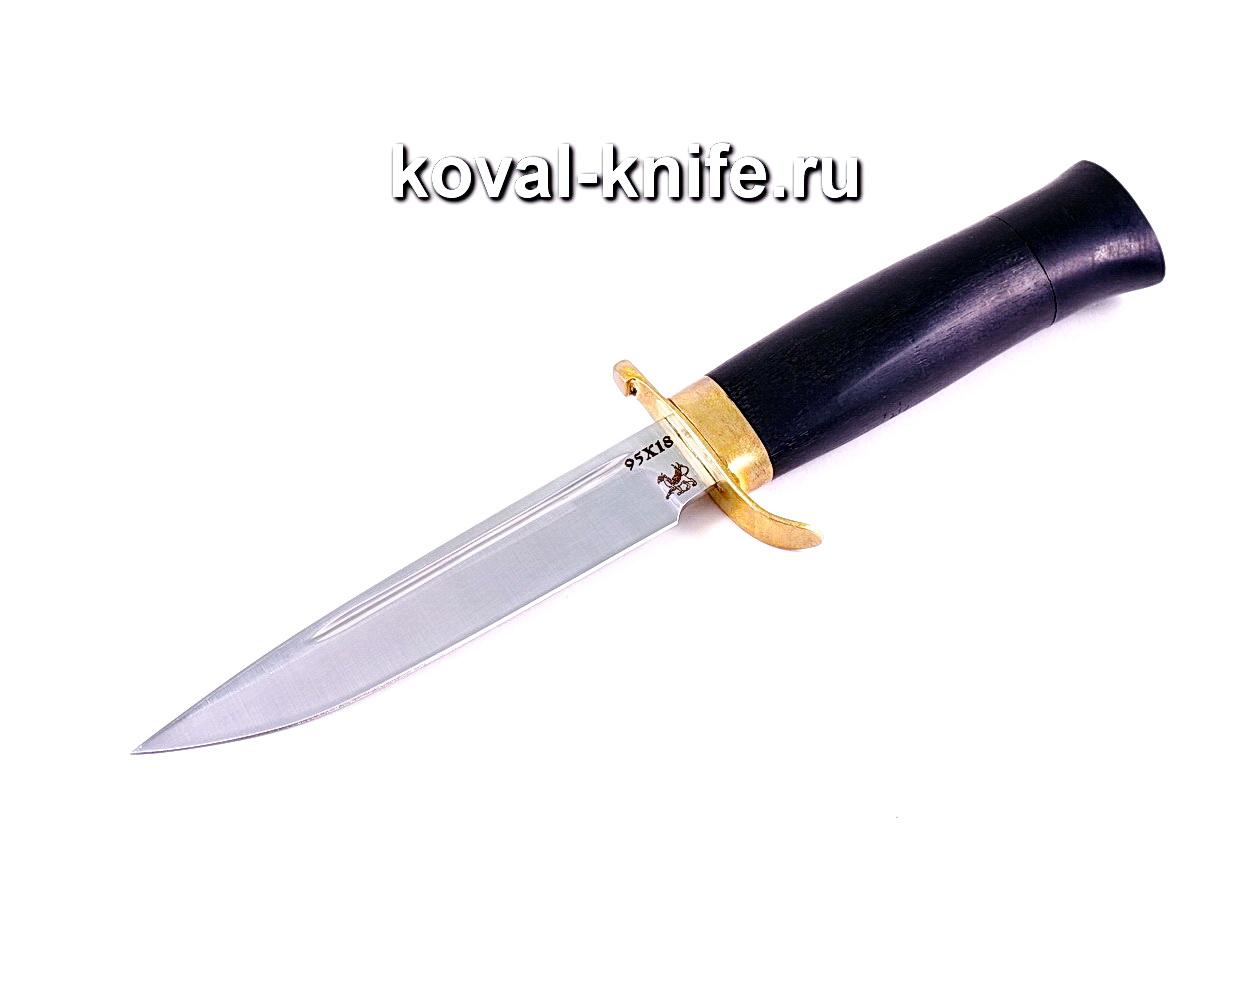 Нож Финка (сталь 95х18), рукоять граб, литье A118